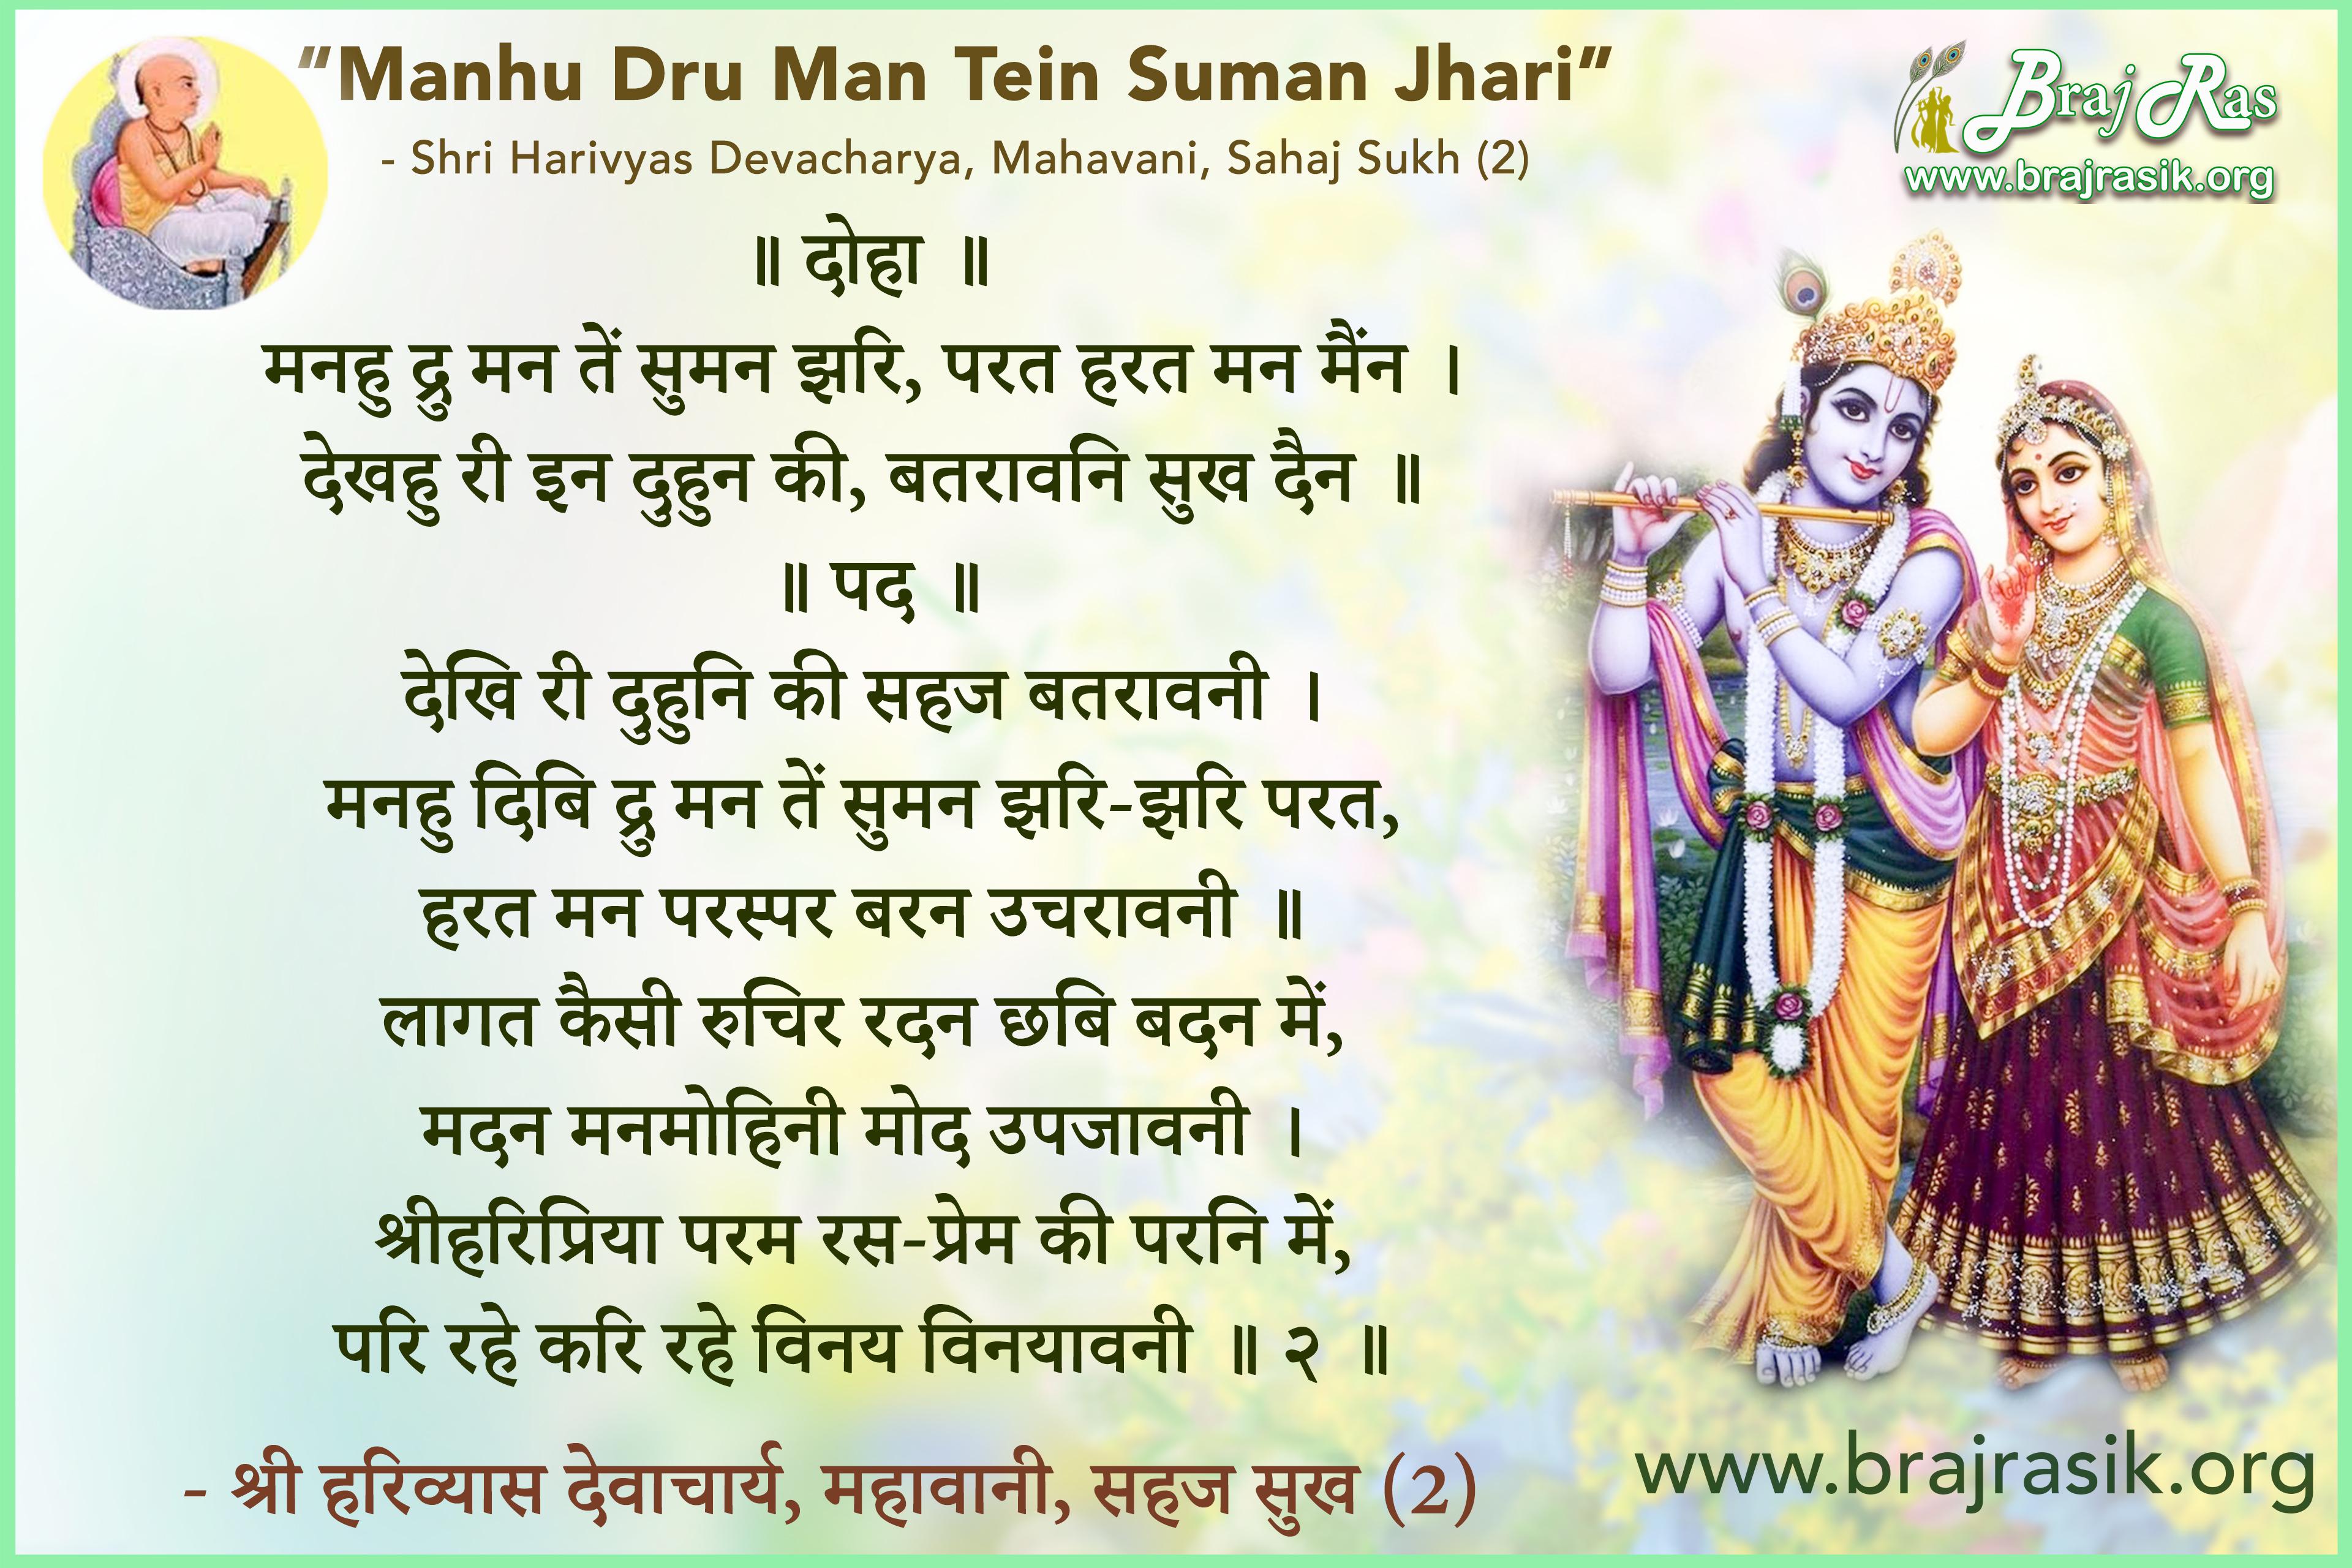 Manhu Dru Mana Tein Suman Jhari - Shri Harivyas Devacharya, Mahavani, Sahaj Sukh (2)